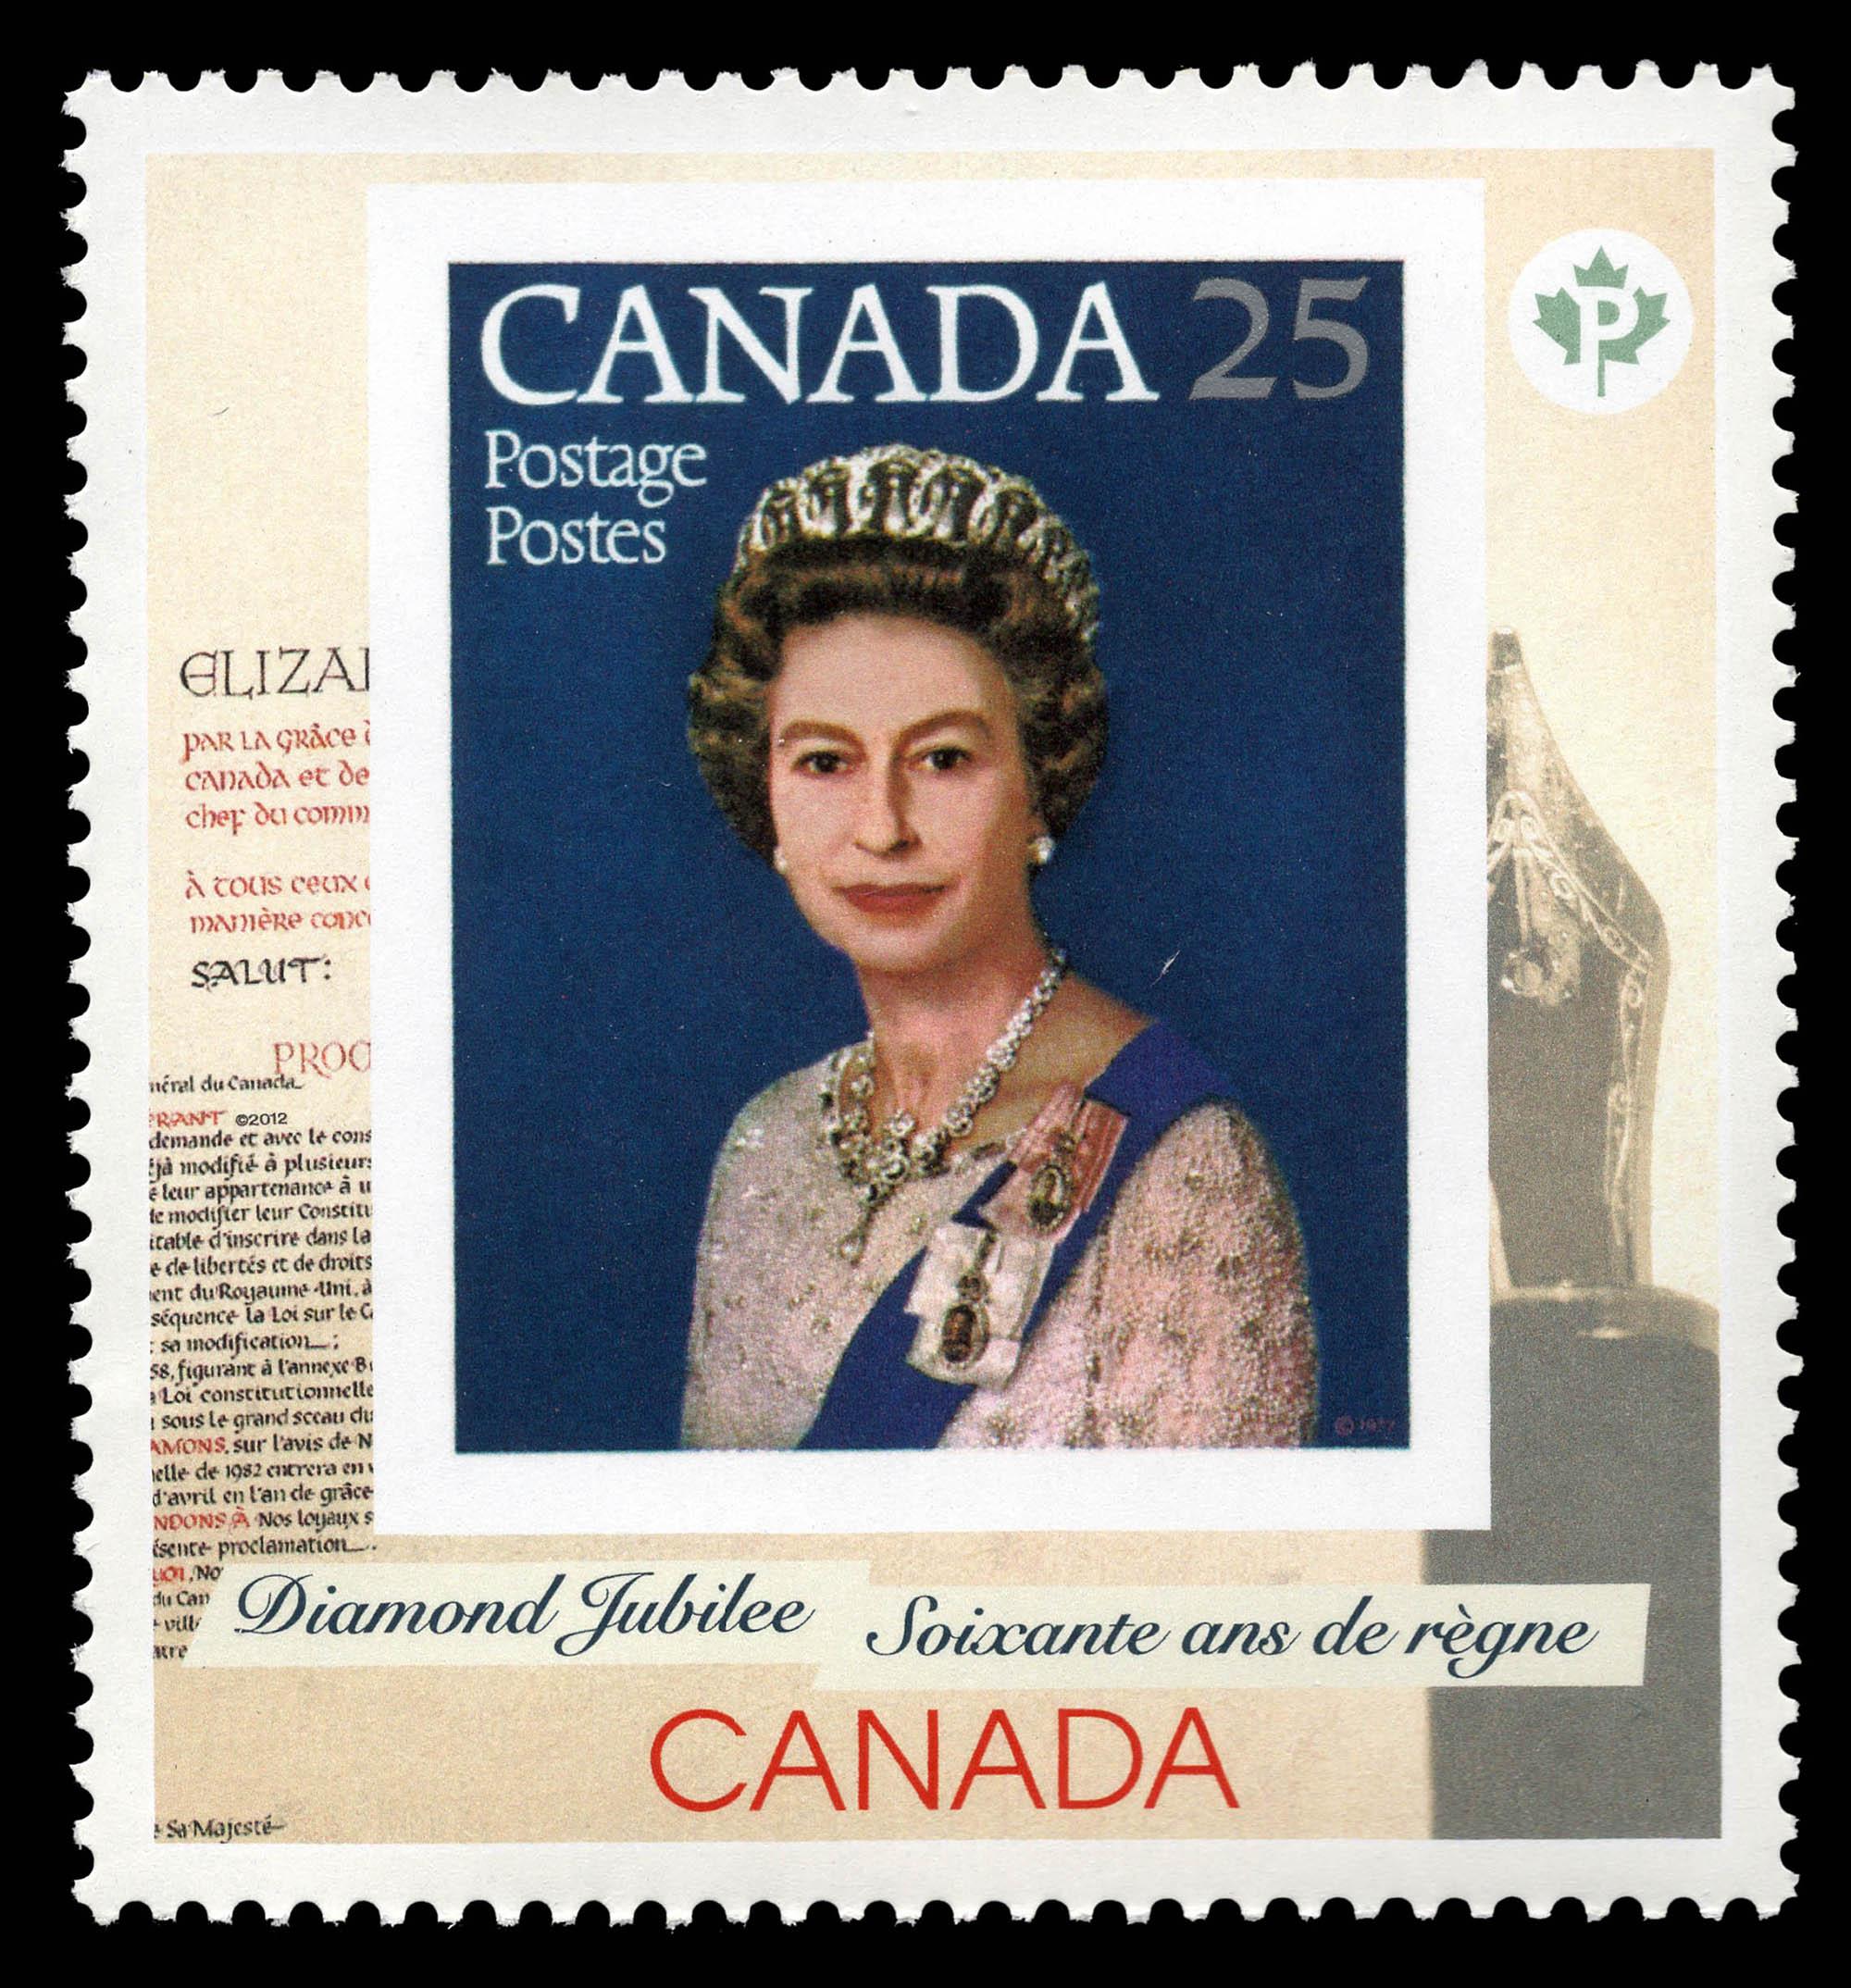 Queen Elizabeth II Diamond Jubilee - 1977 Stamp Canada Postage Stamp | Queen Elizabeth II Diamond Jubilee